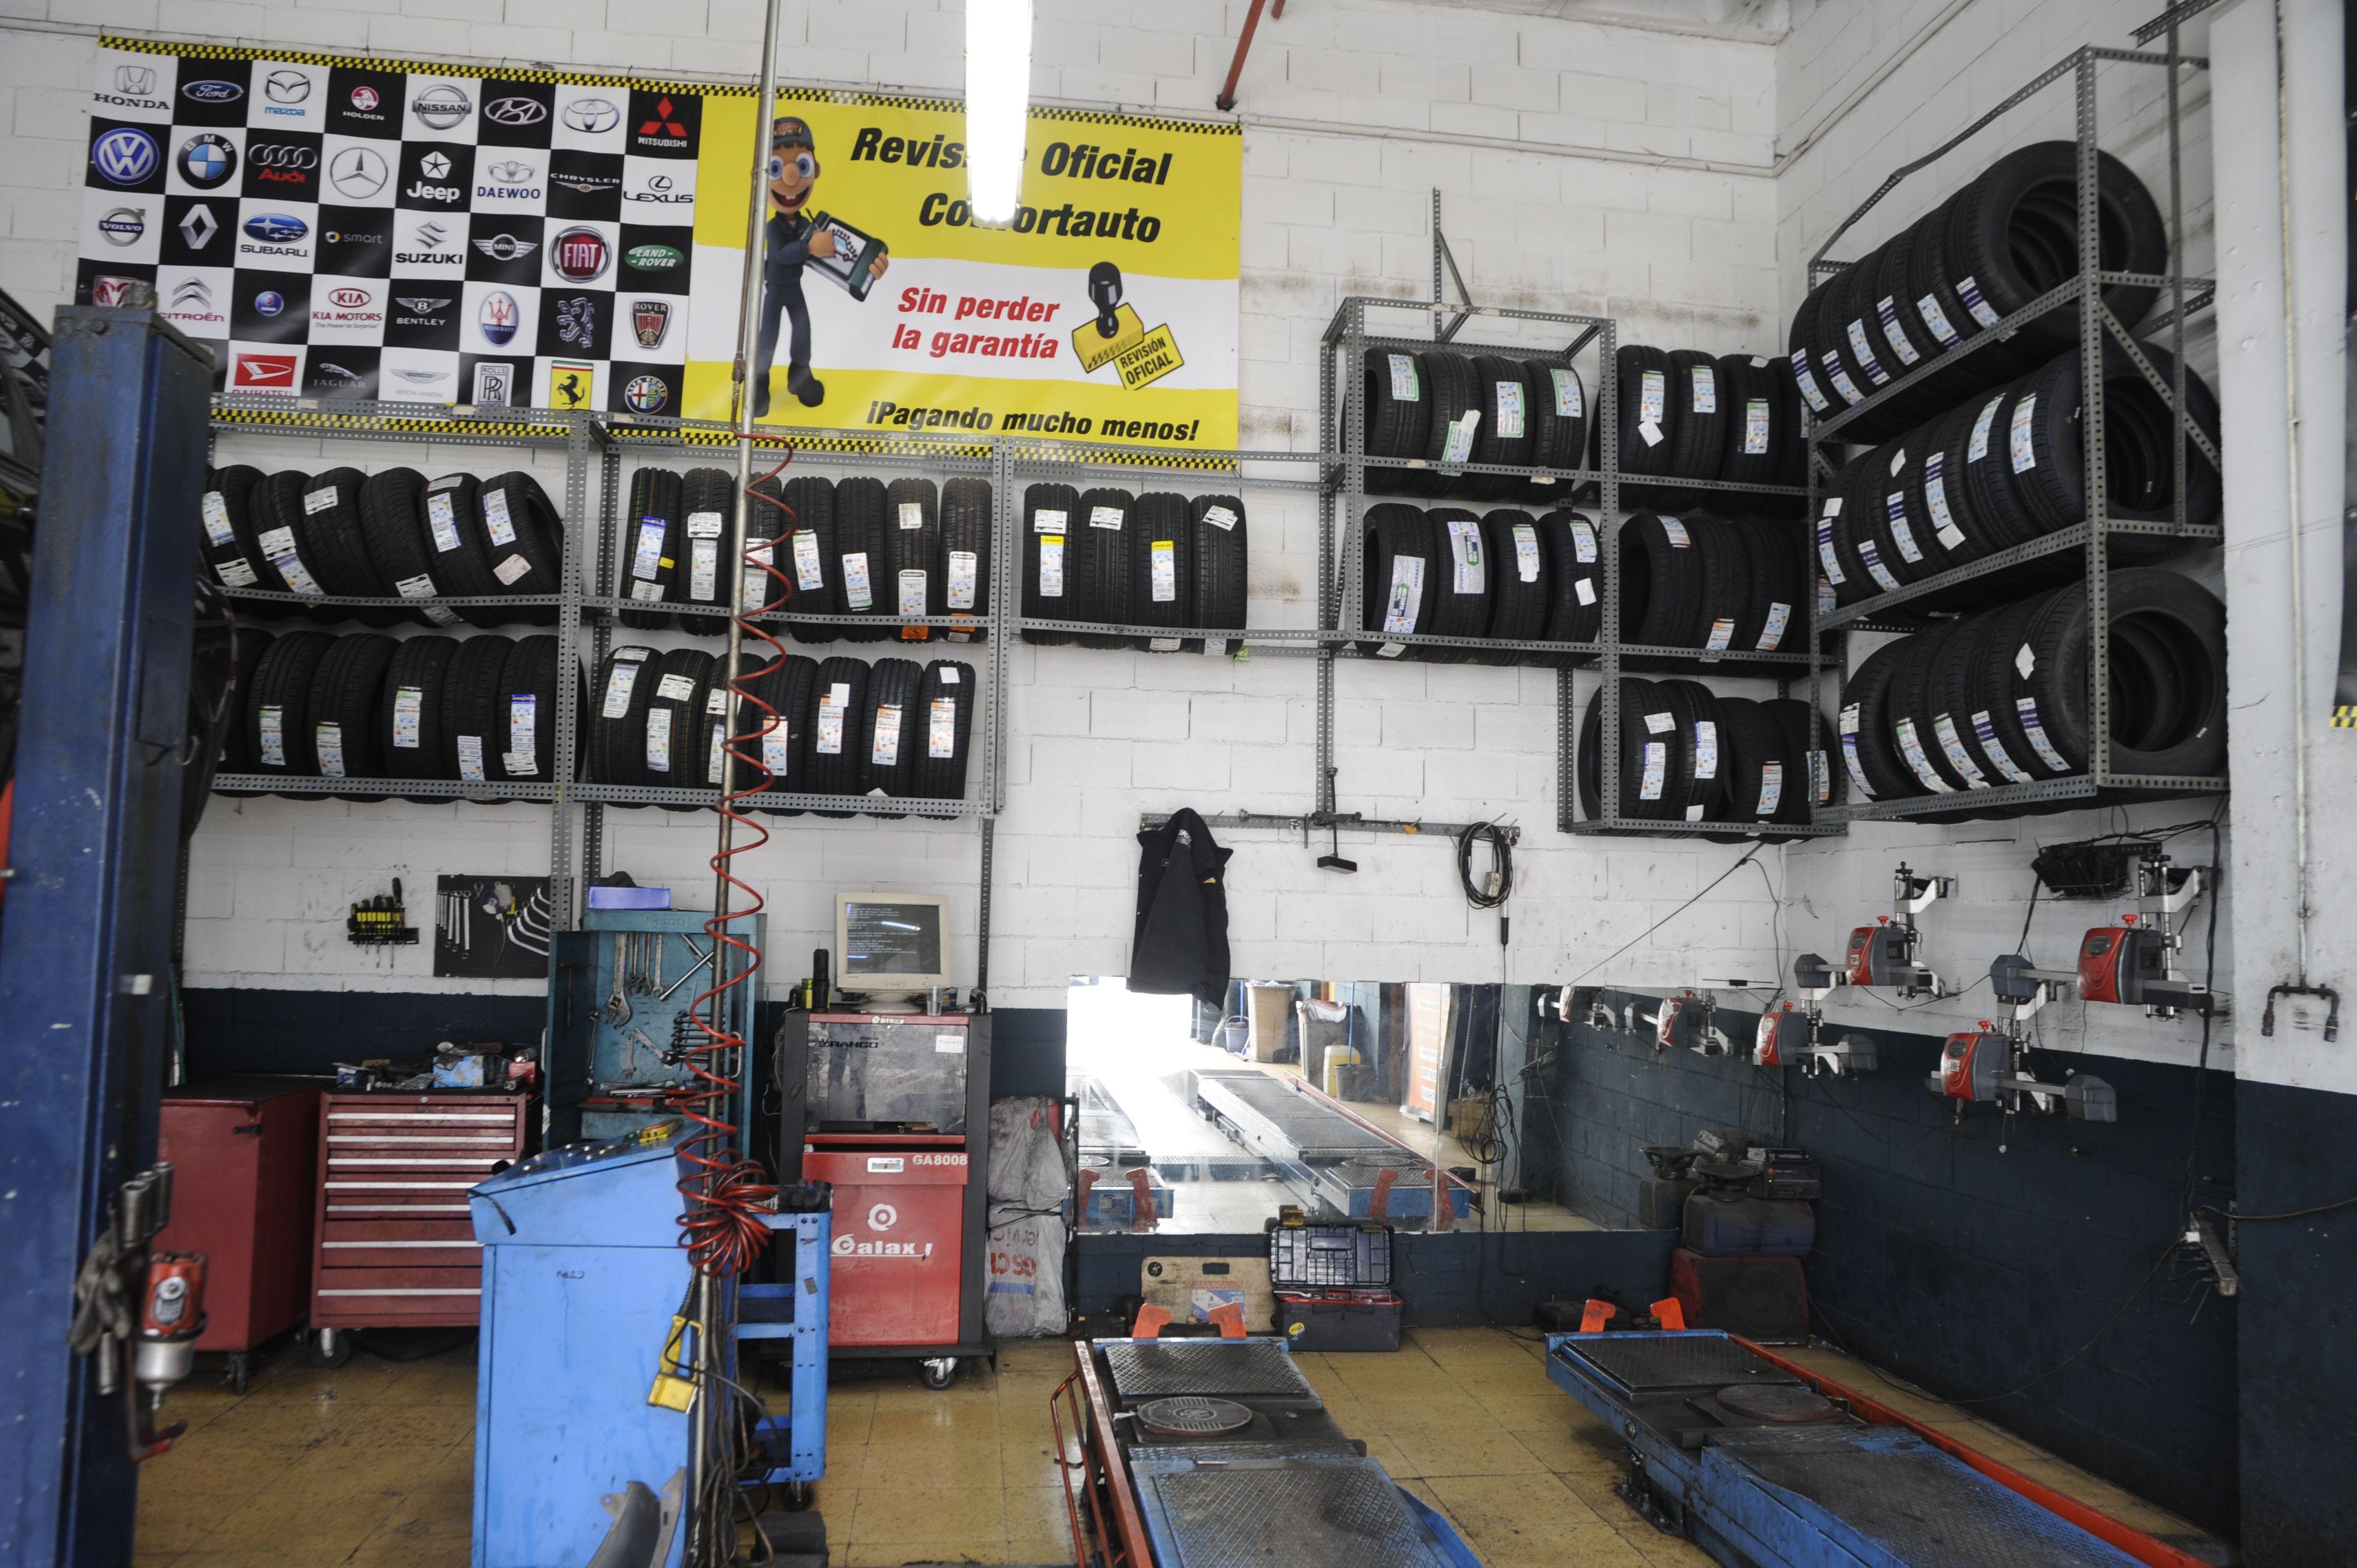 Foto 1 de Taller mecánico en especializado en el cambio de neumáticos en Baracaldo | Max Auto